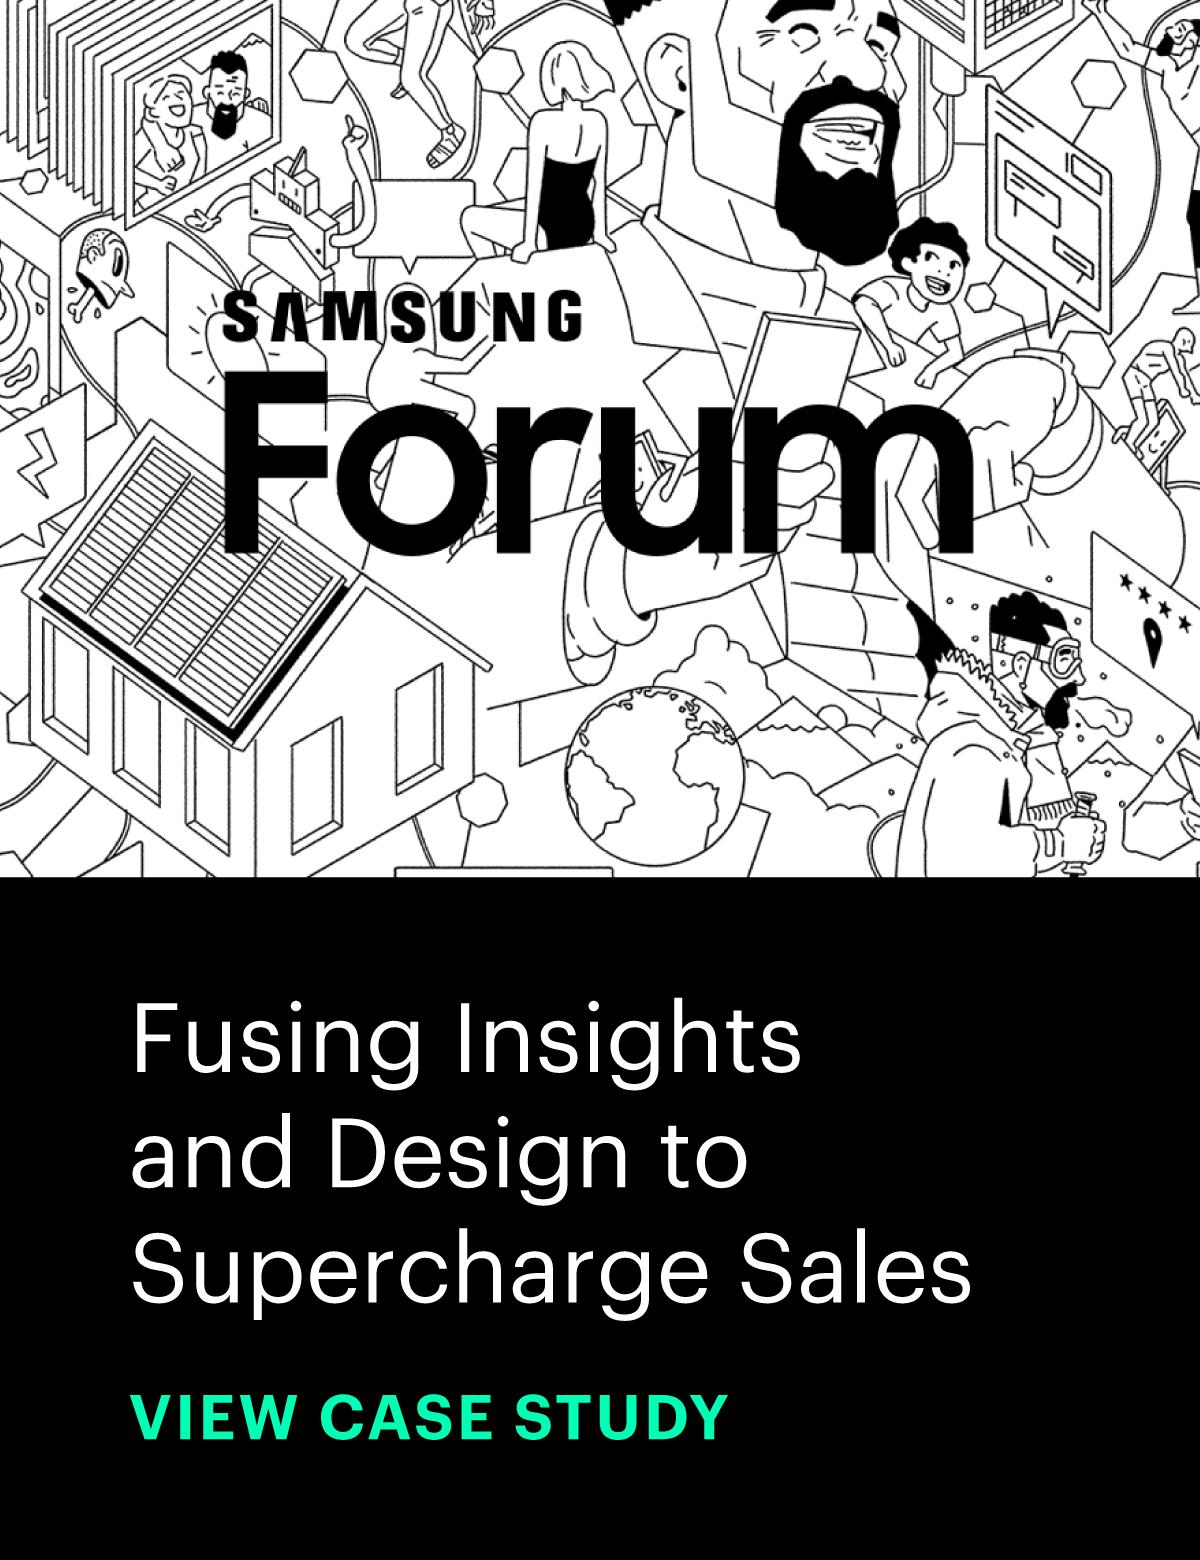 Case Study: Samsung Forum